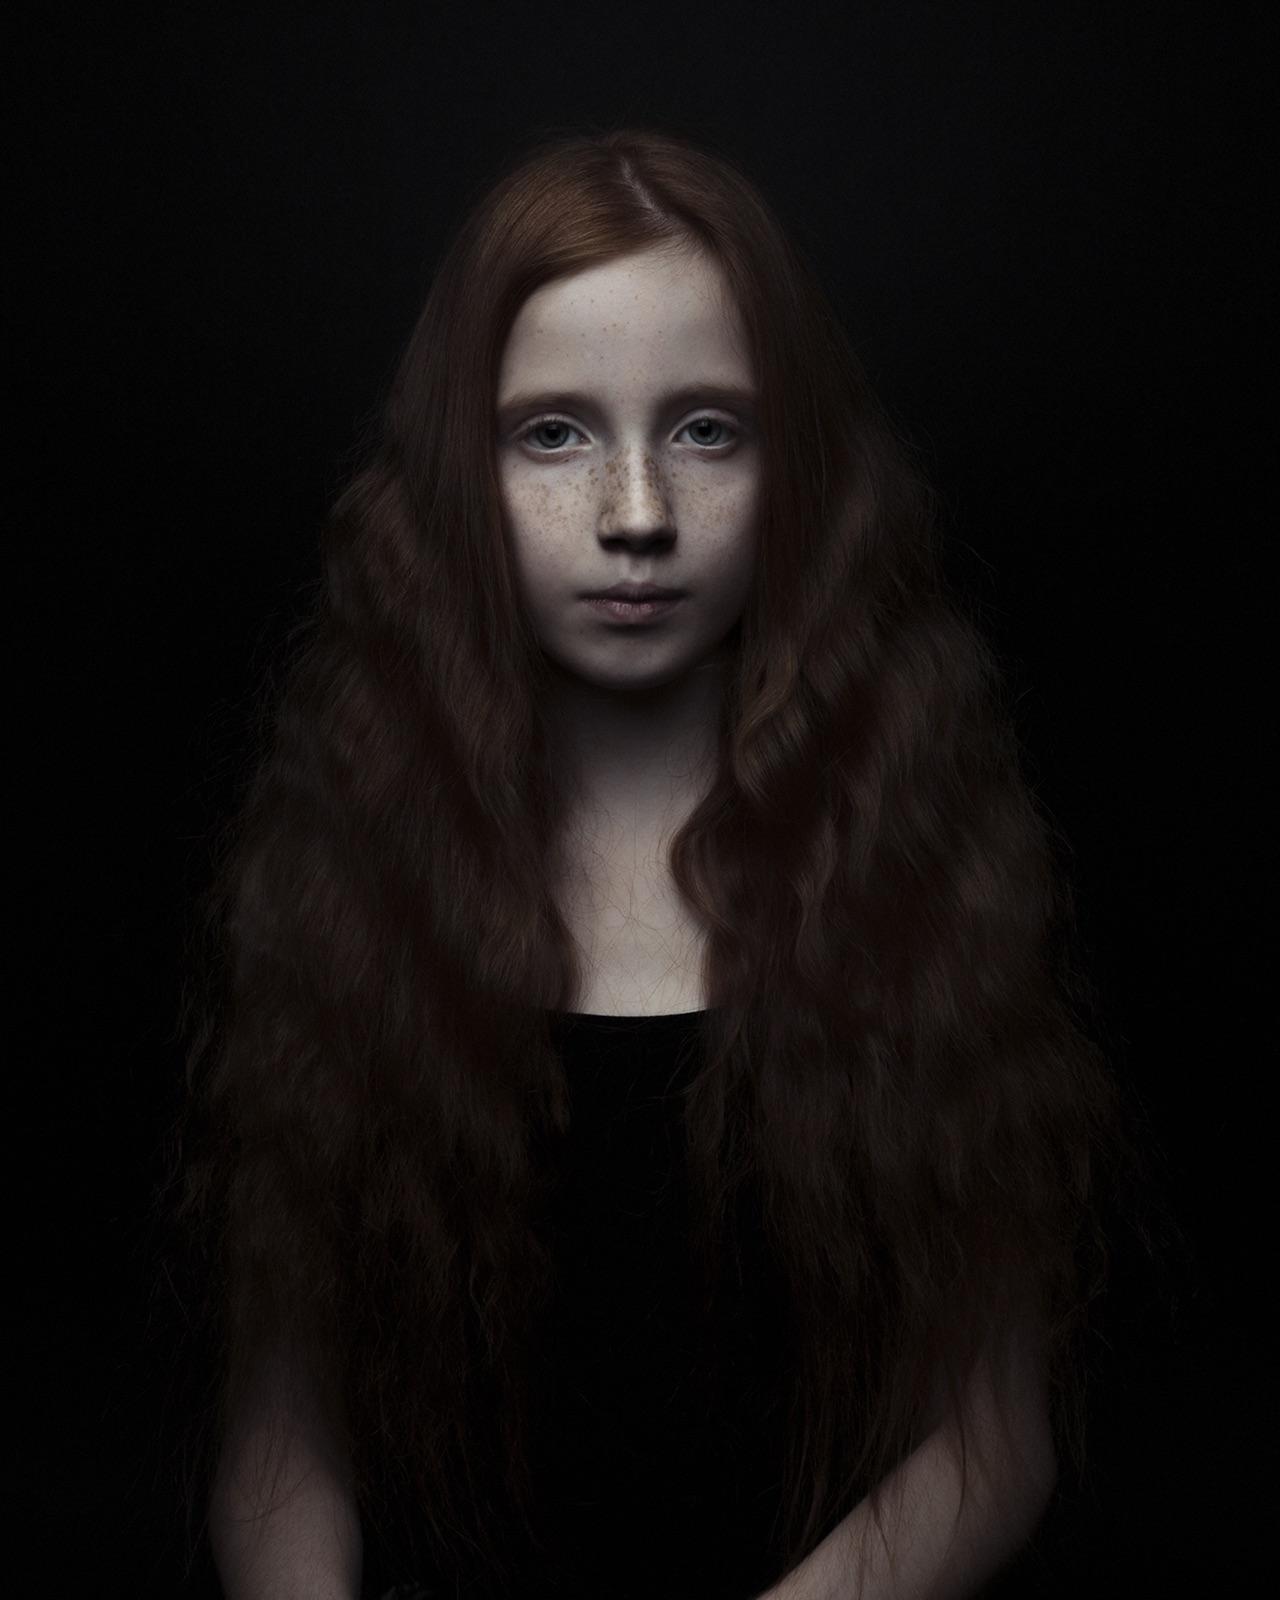 portret van jong meisje met rood haar als een mona lisa in een zwarte achtergfrond